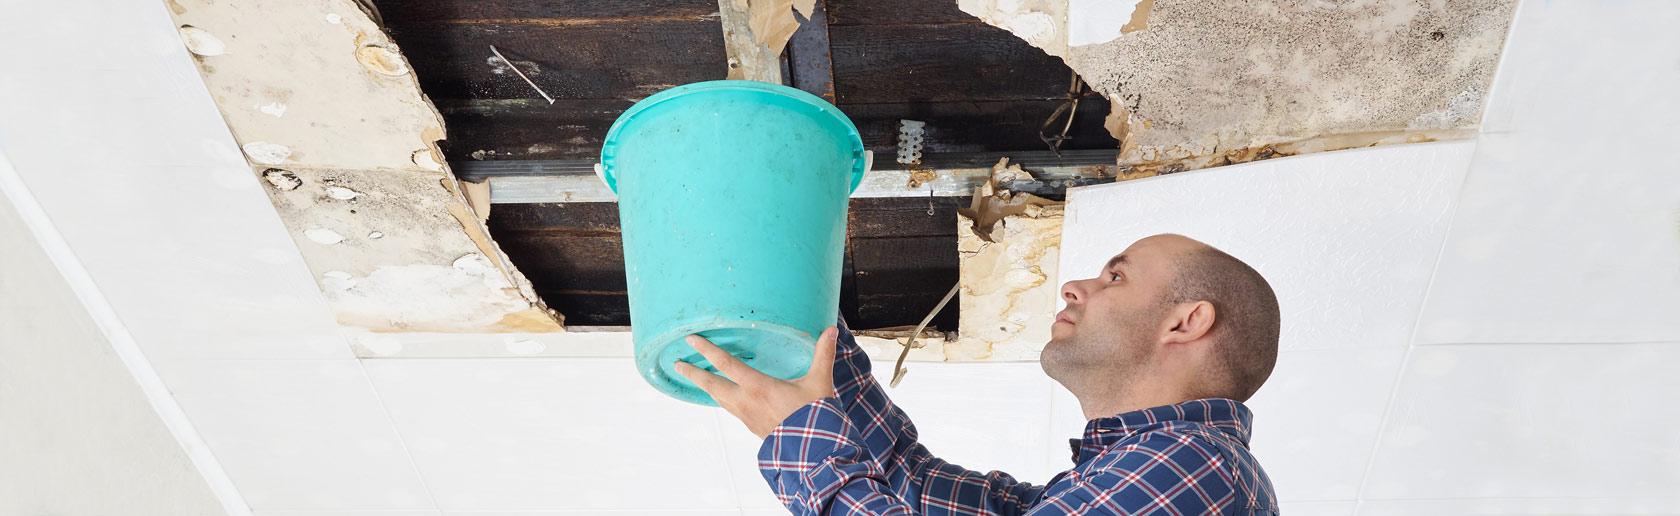 Service après-sinistre - Dégât d'eau